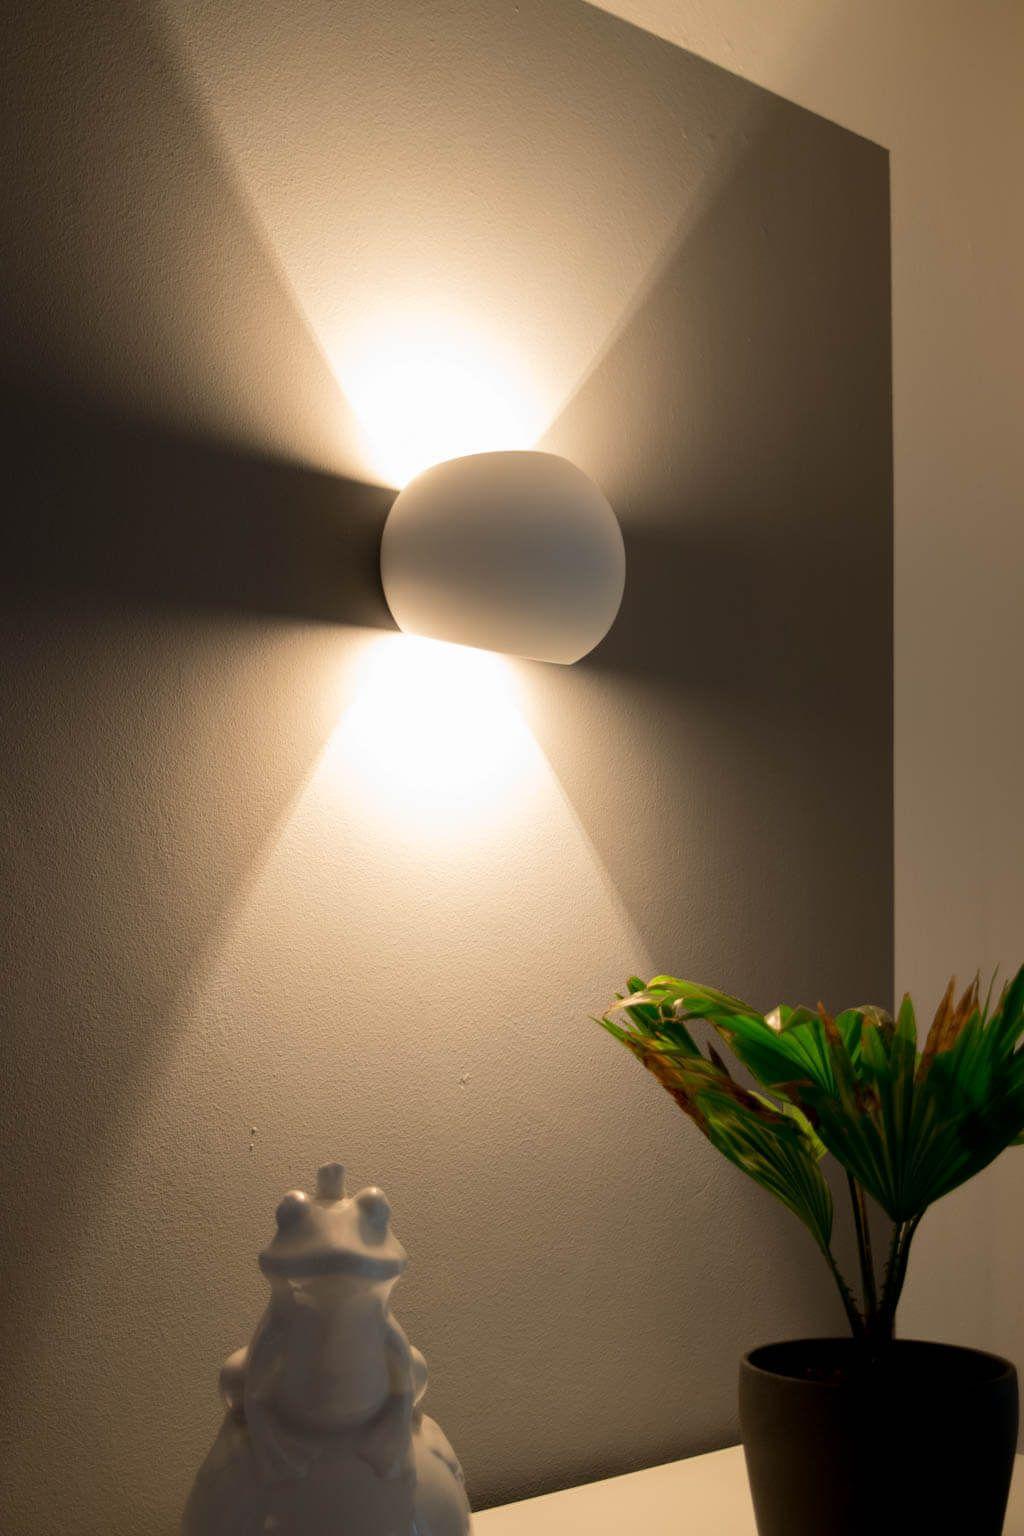 Dimmbare Led Wandlampen Unsere Wandleuchten Furs Wohnzimmer Wandlampen Led Wandlampen Und Led Wandleuchten